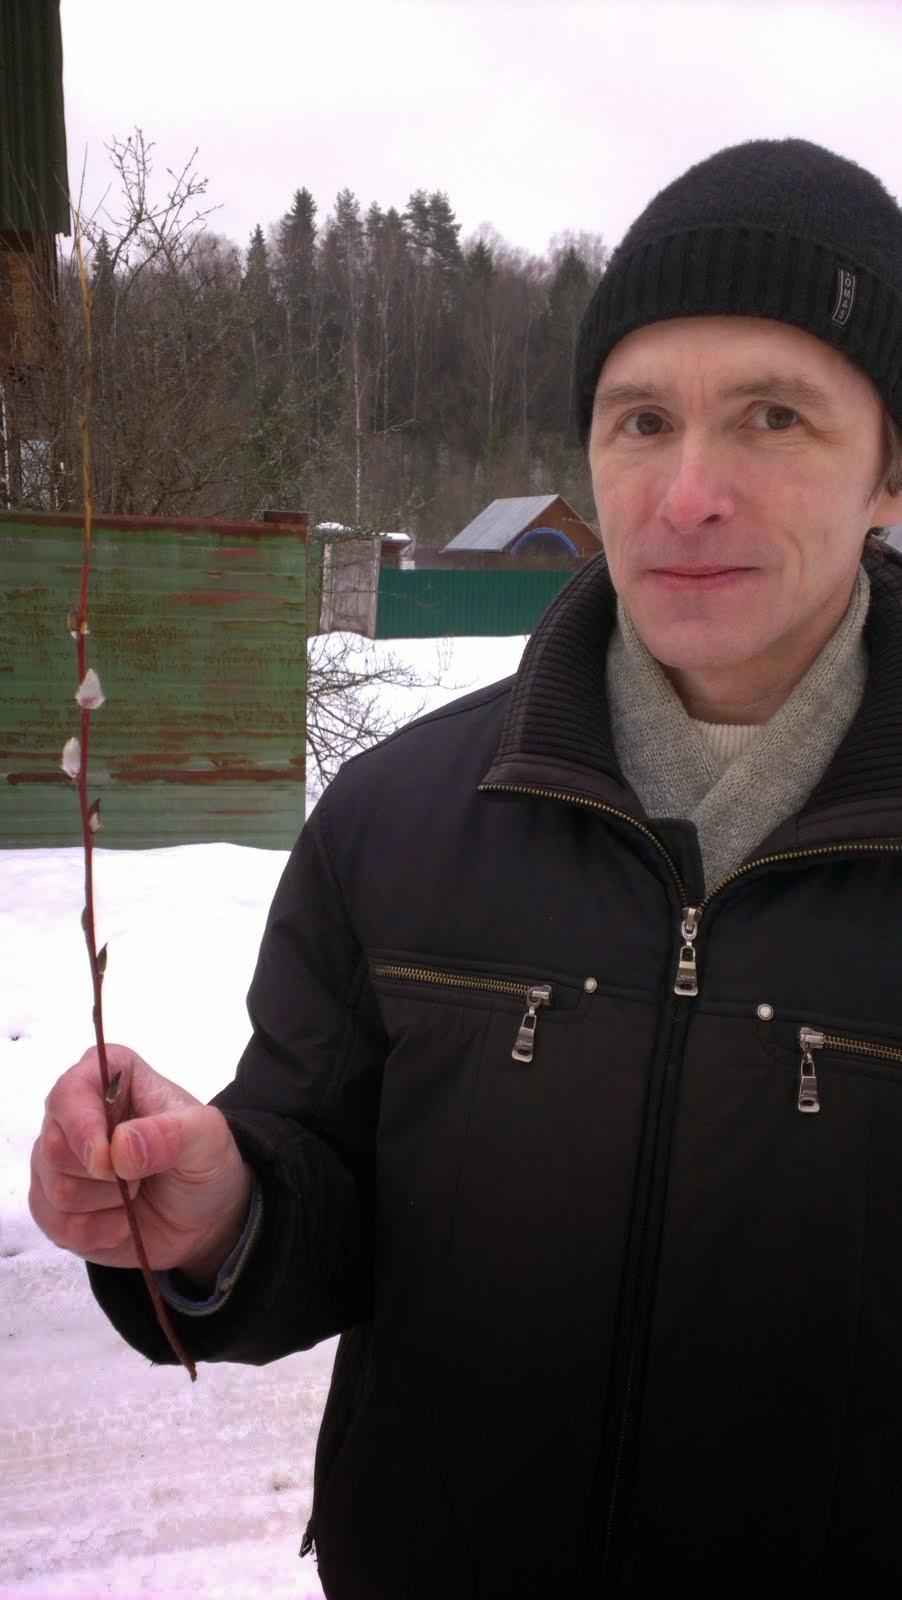 Это я - Николай Викторович Шевченко, 23 февраля 2015 г,